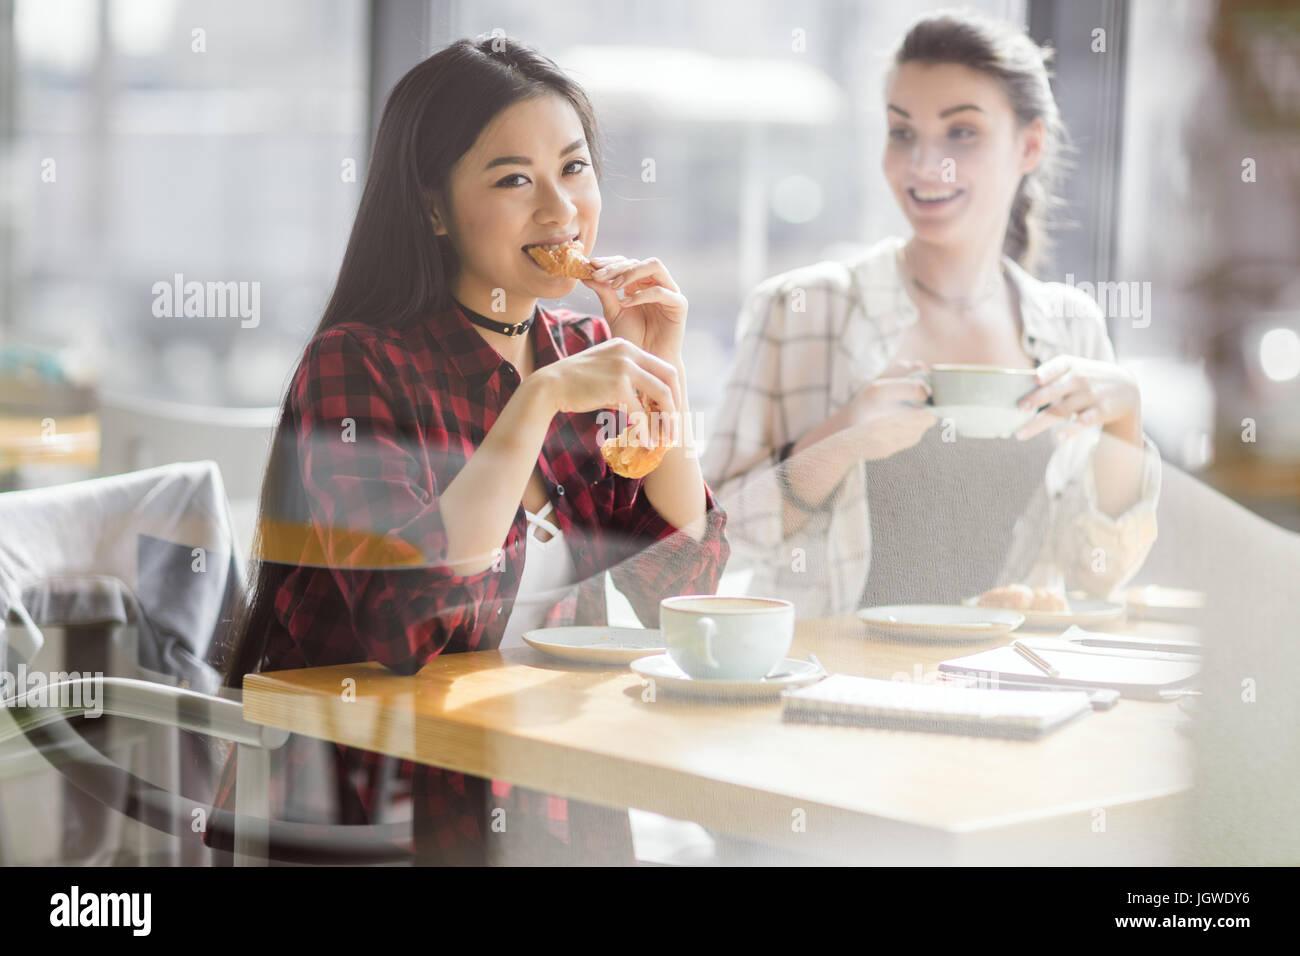 Las niñas comer cruasanes y bebiendo café en el cafe, coffee break Imagen De Stock